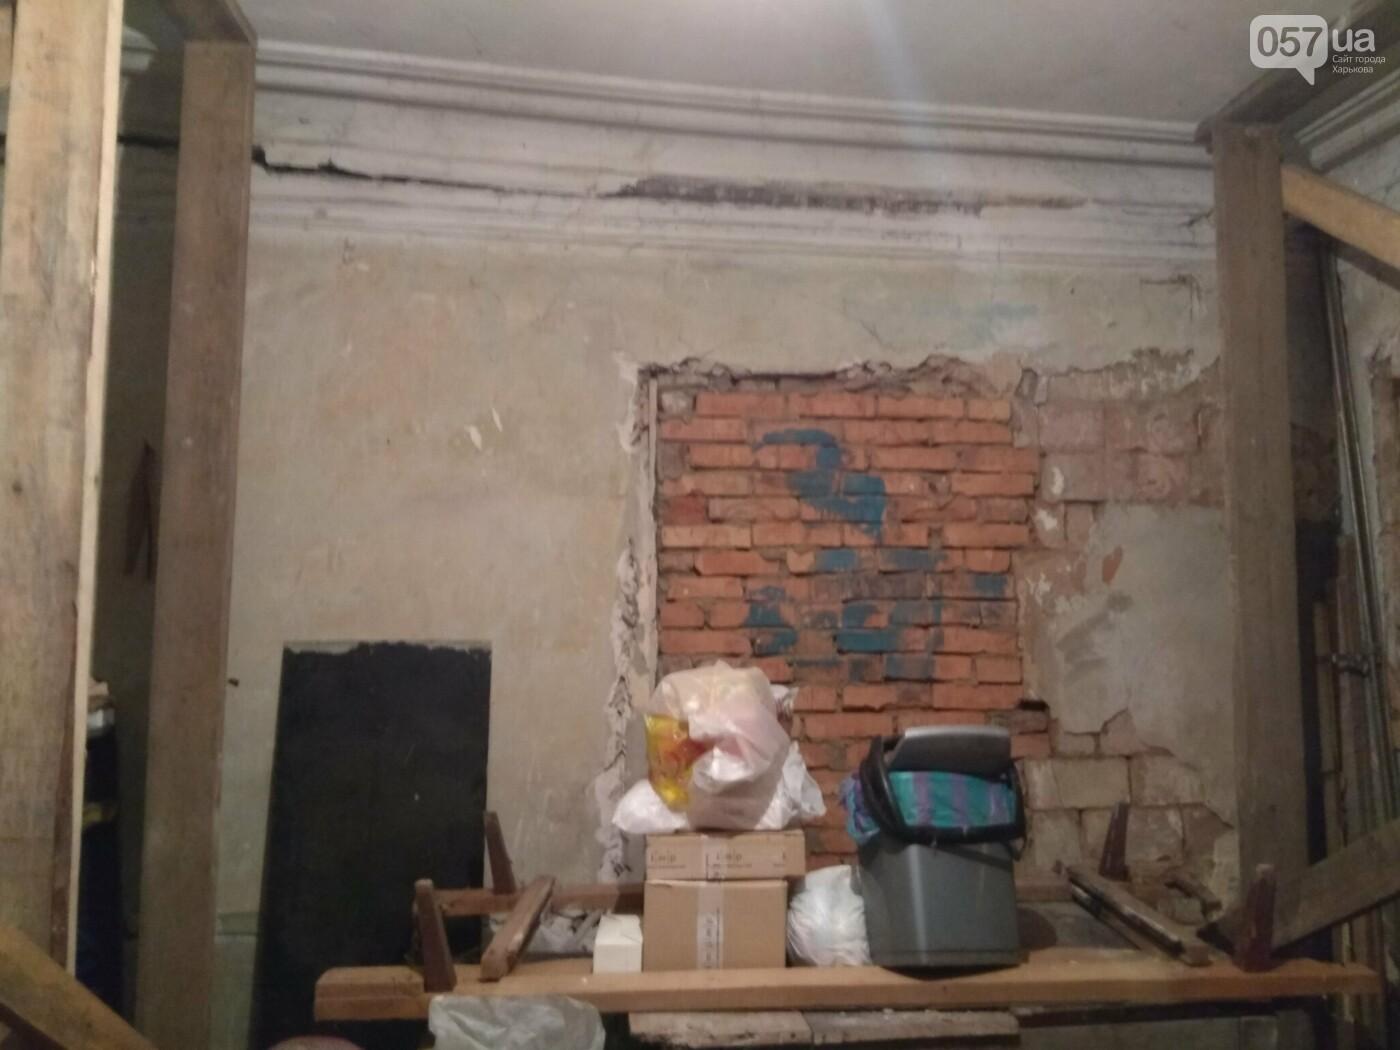 10 лет без ремонта: почему в Харькове не спешат восстанавливать аварийный дом, - ФОТО, фото-36